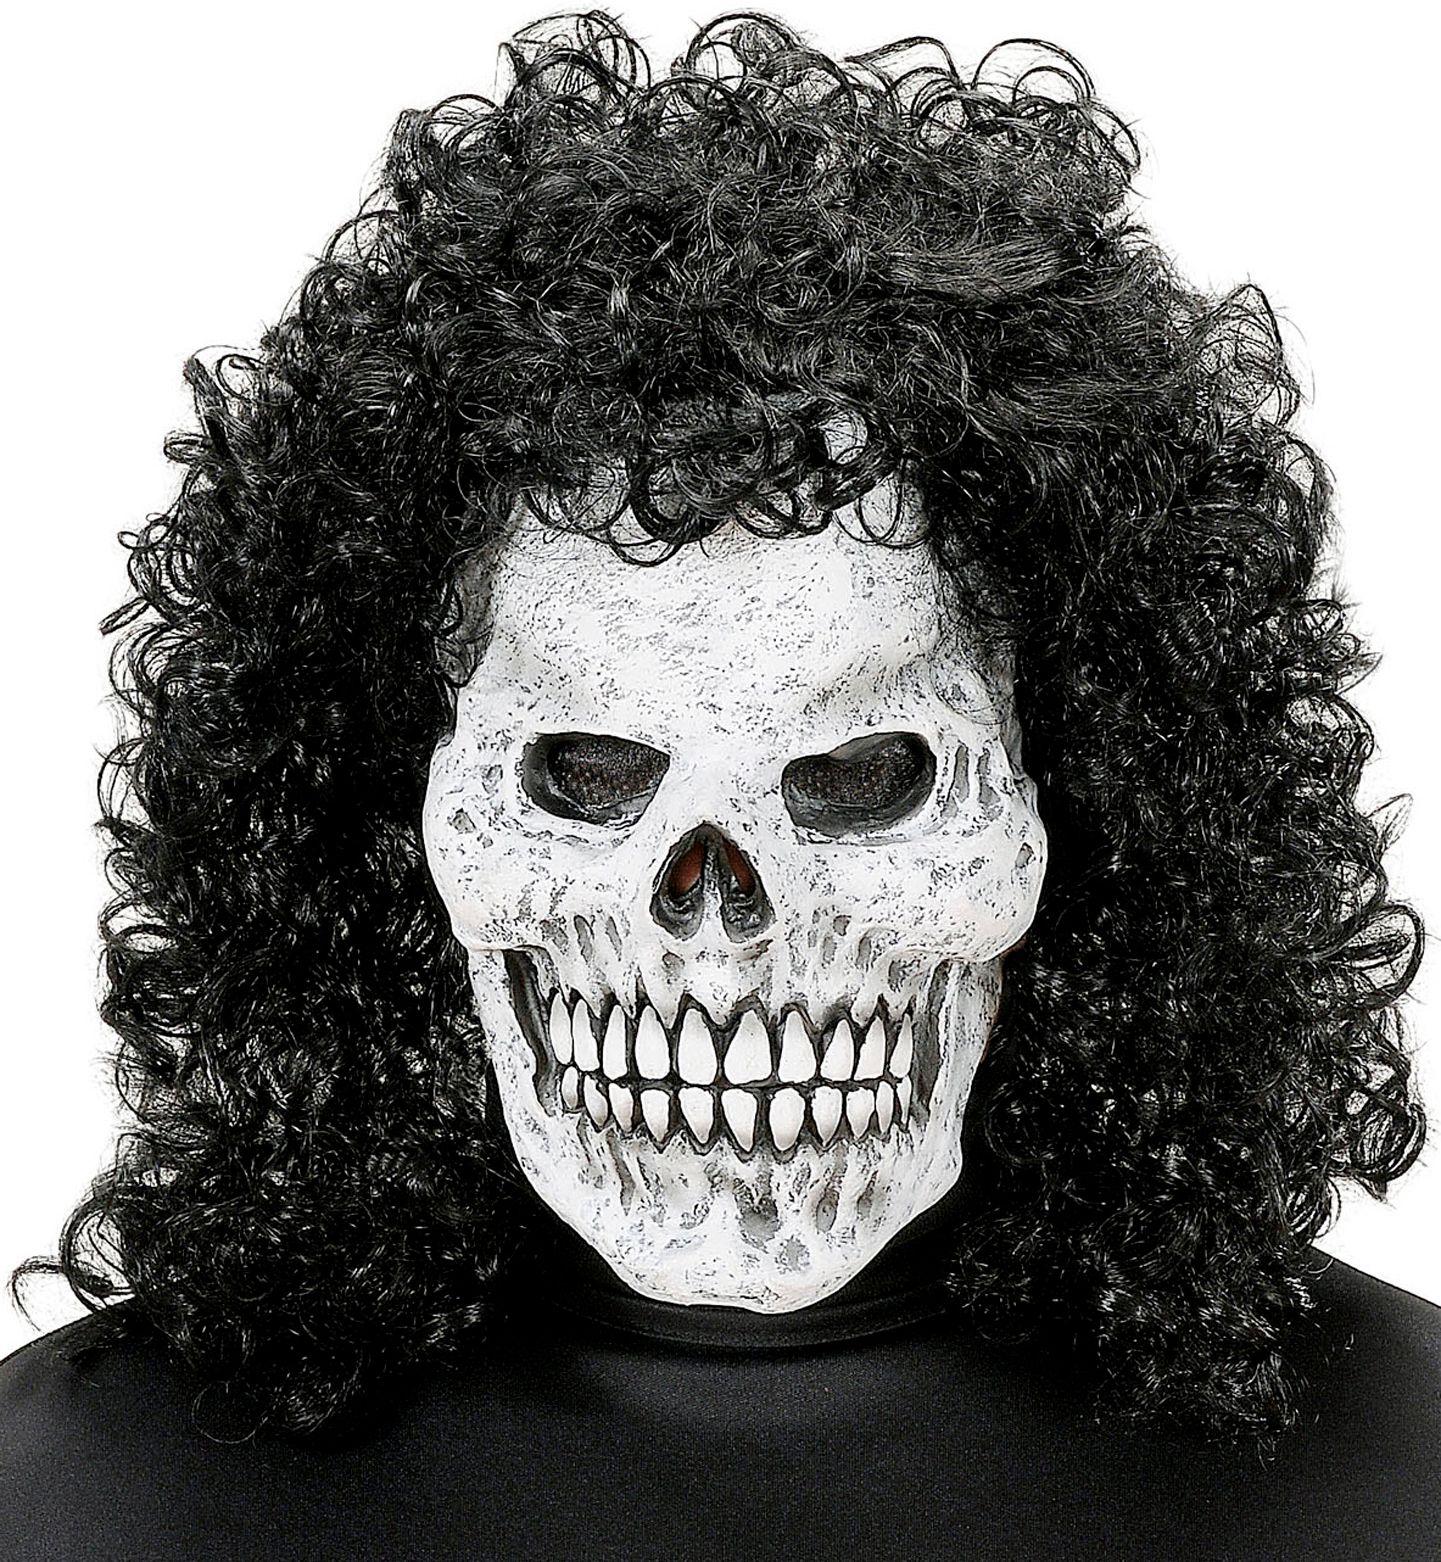 Skelet masker met krulpruik